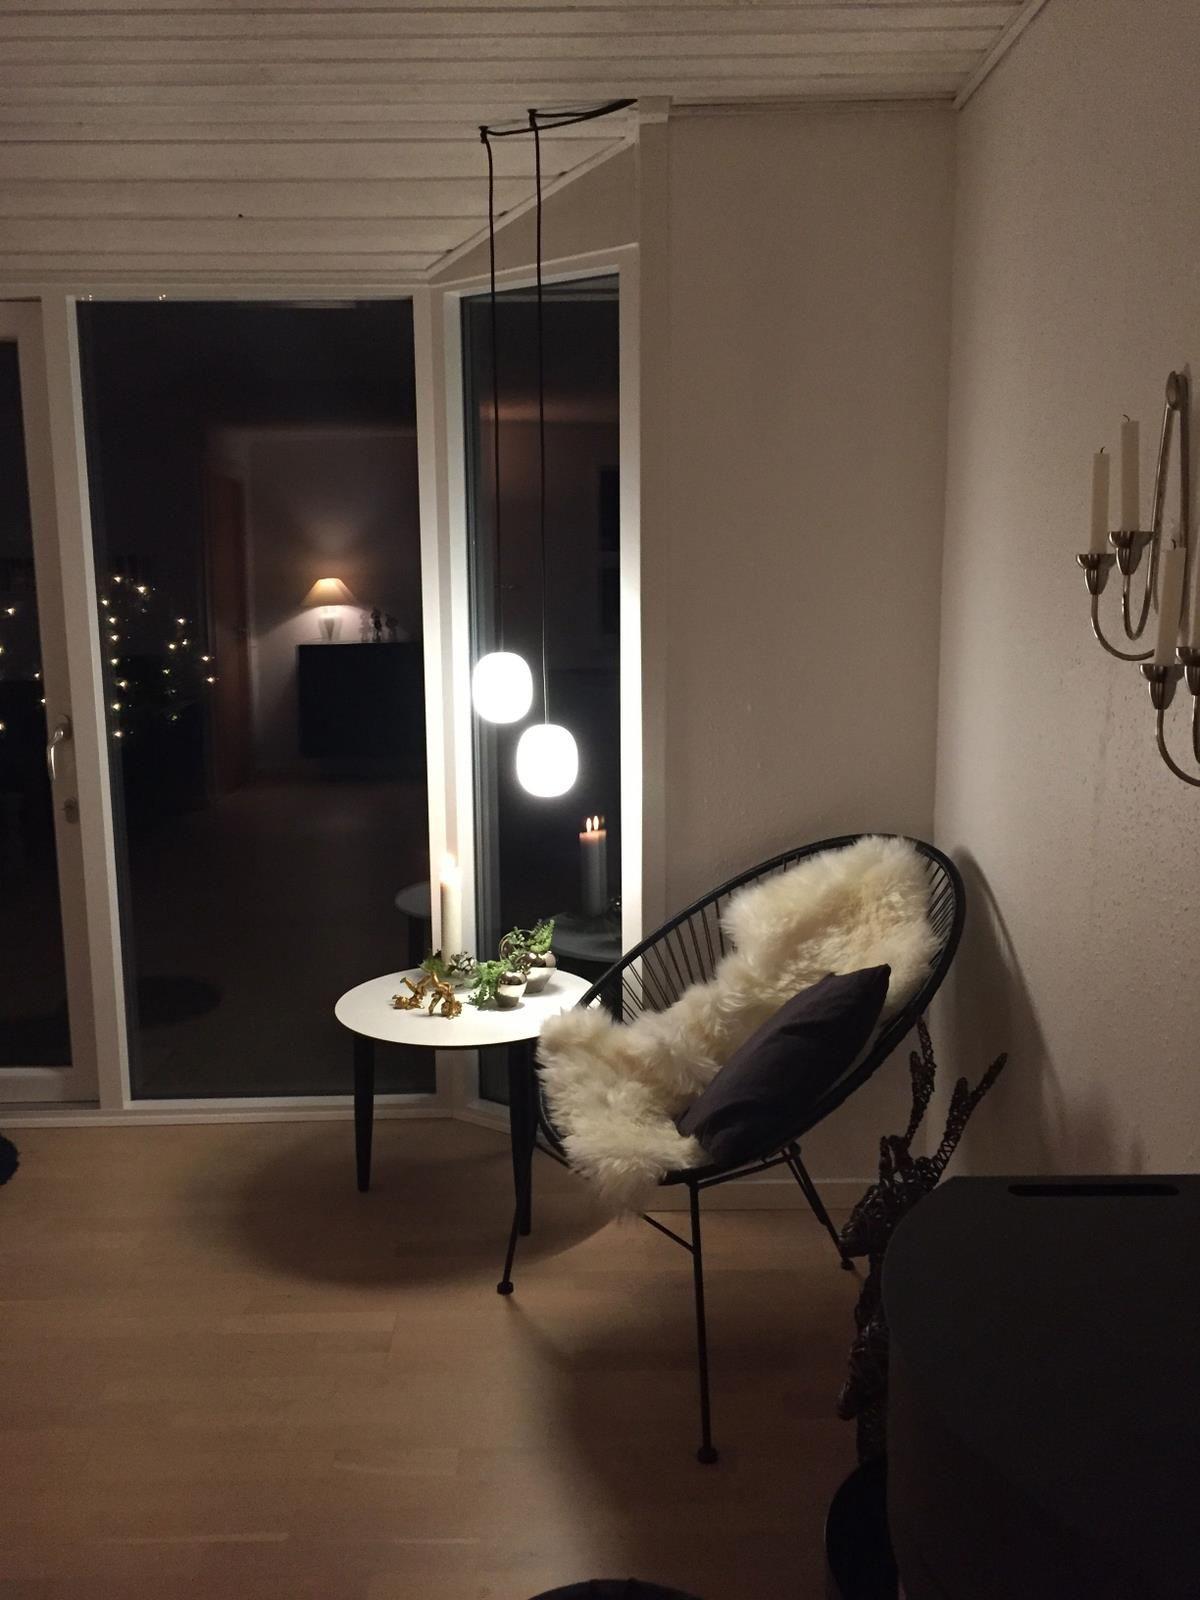 5fb9b608eb0c64f49d7985ddad16bca4 Faszinierend Up Down Lampe Dekorationen